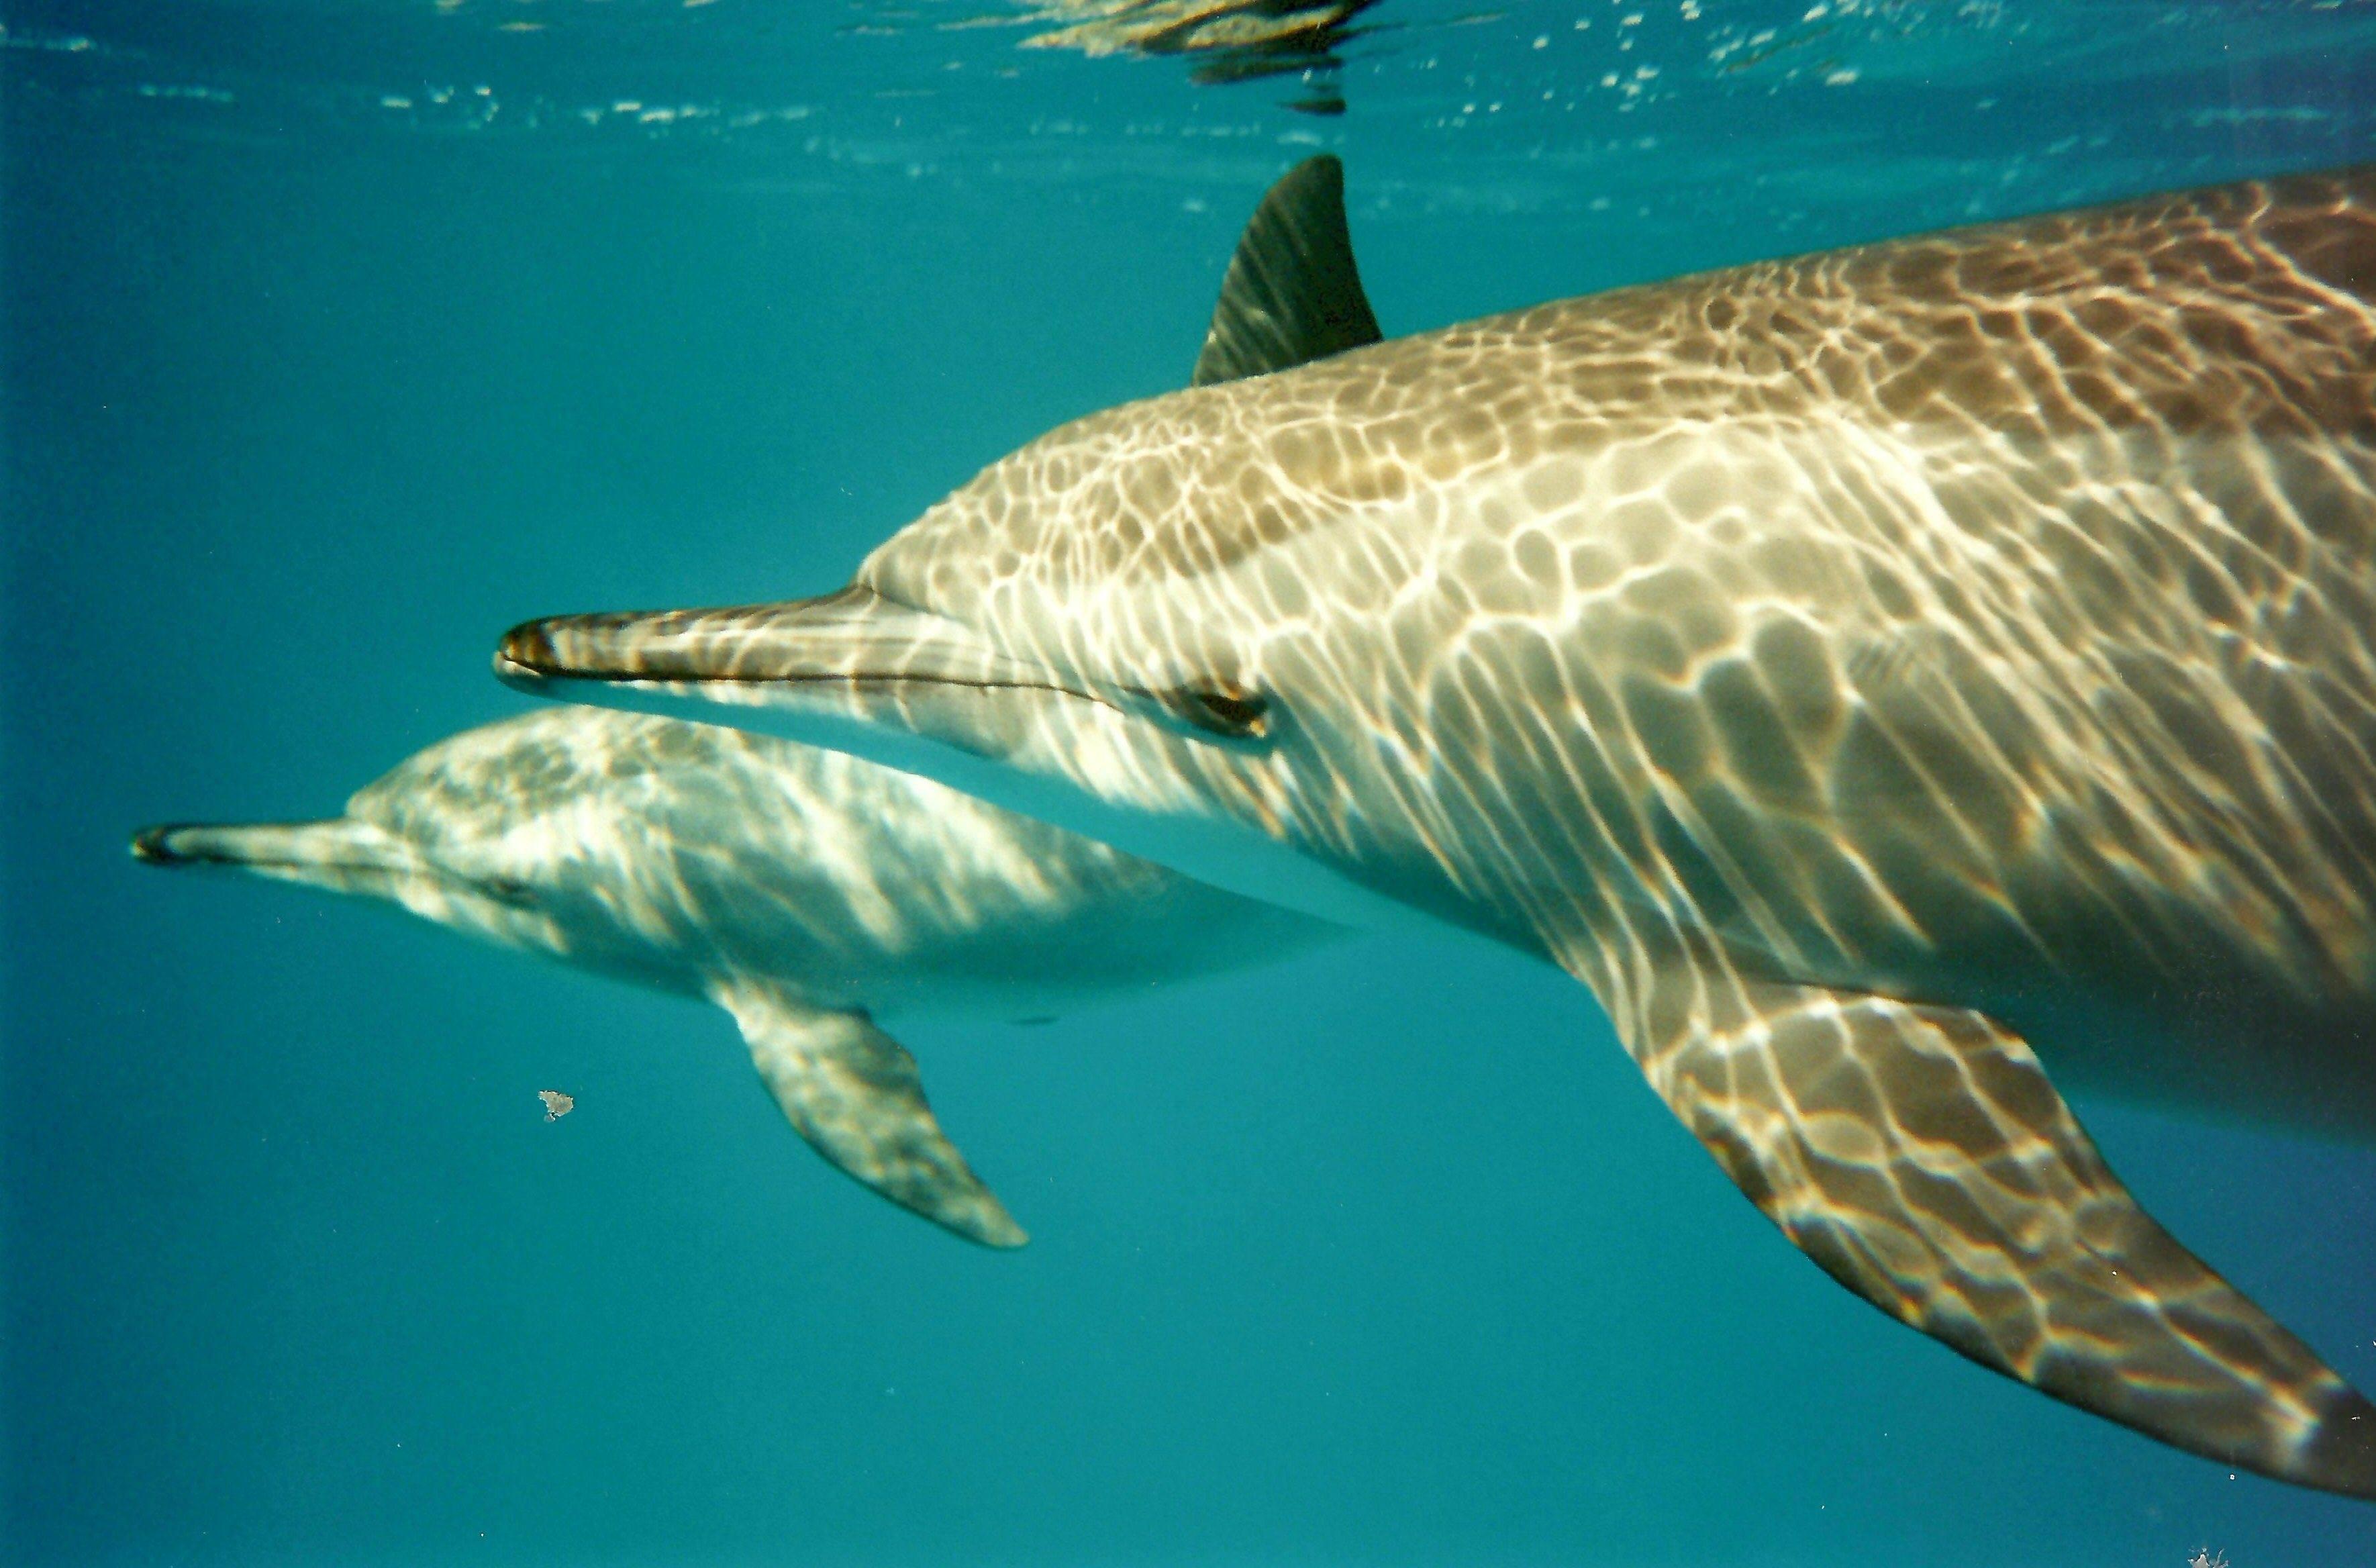 488C5E59-F3C6-Dolphins (Redsea).jpg